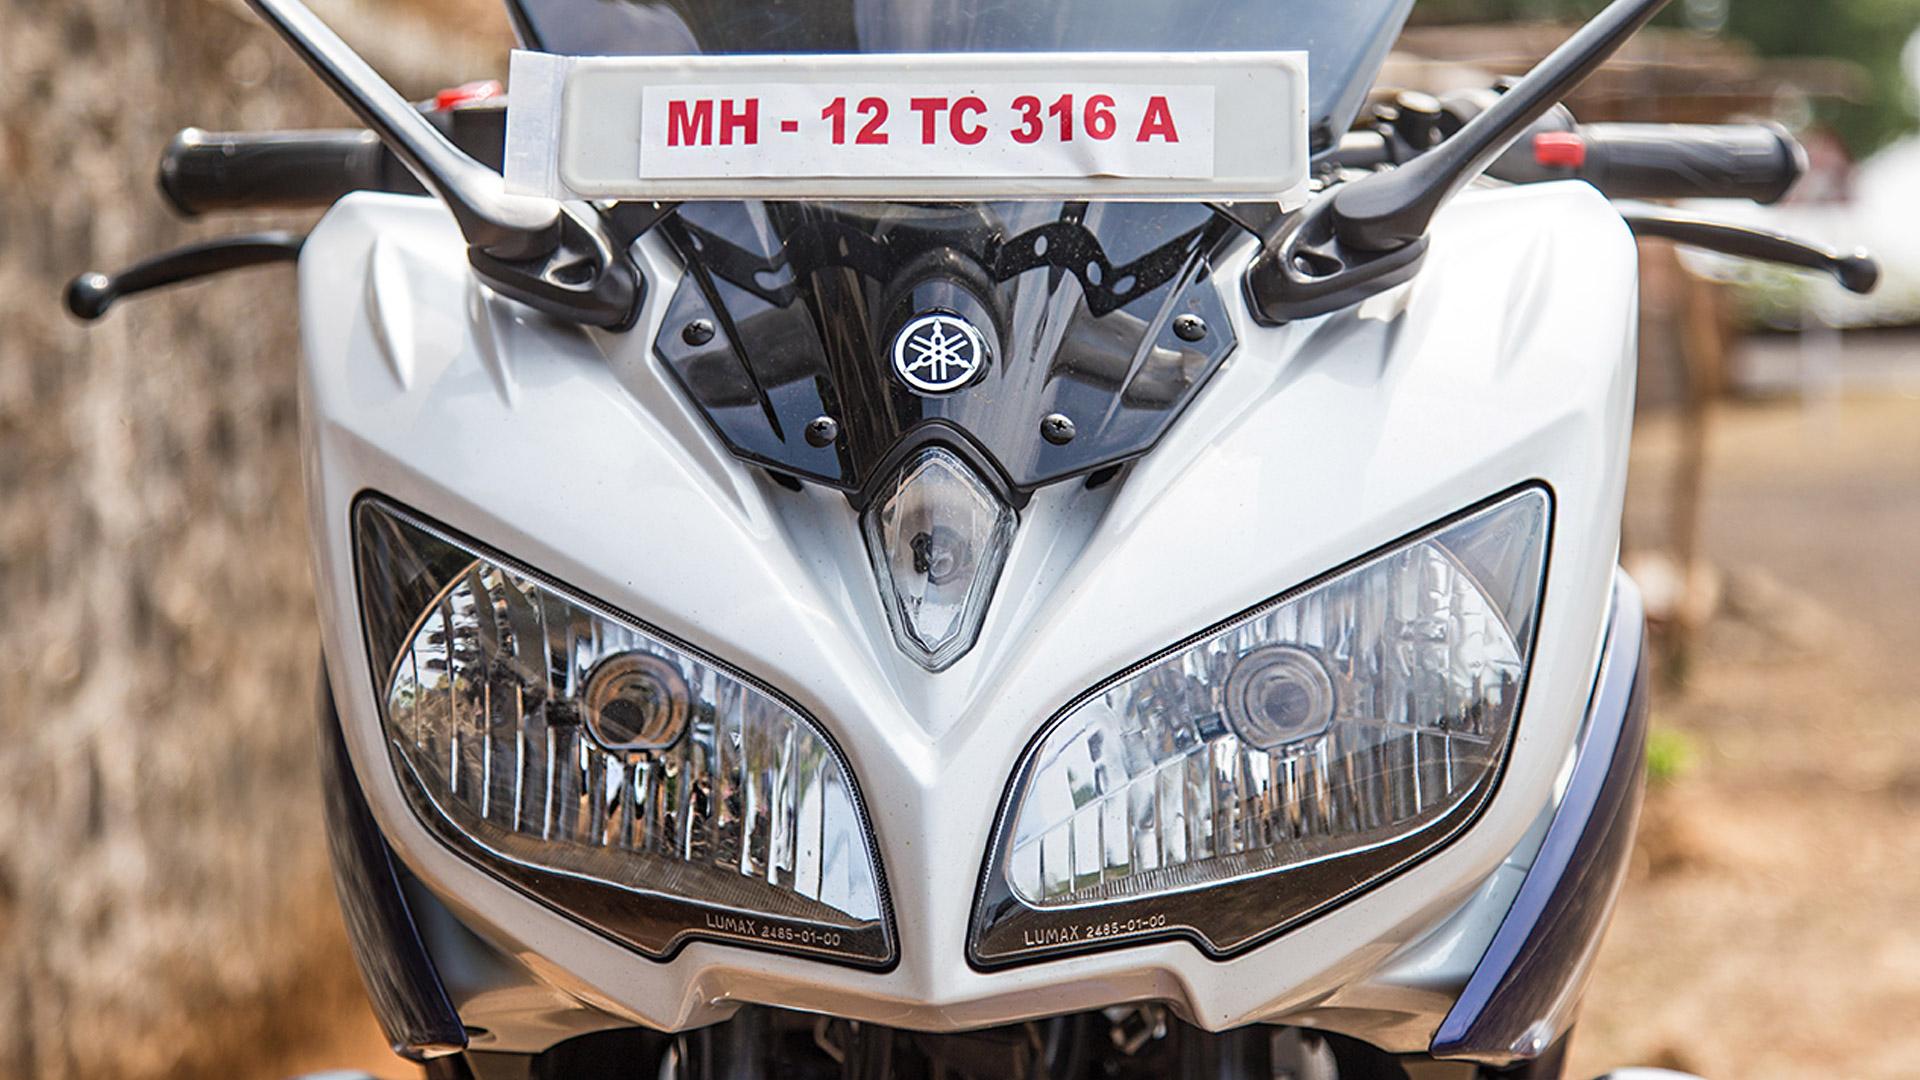 Yamaha Fazer 2014 FI version 2.0 Exterior